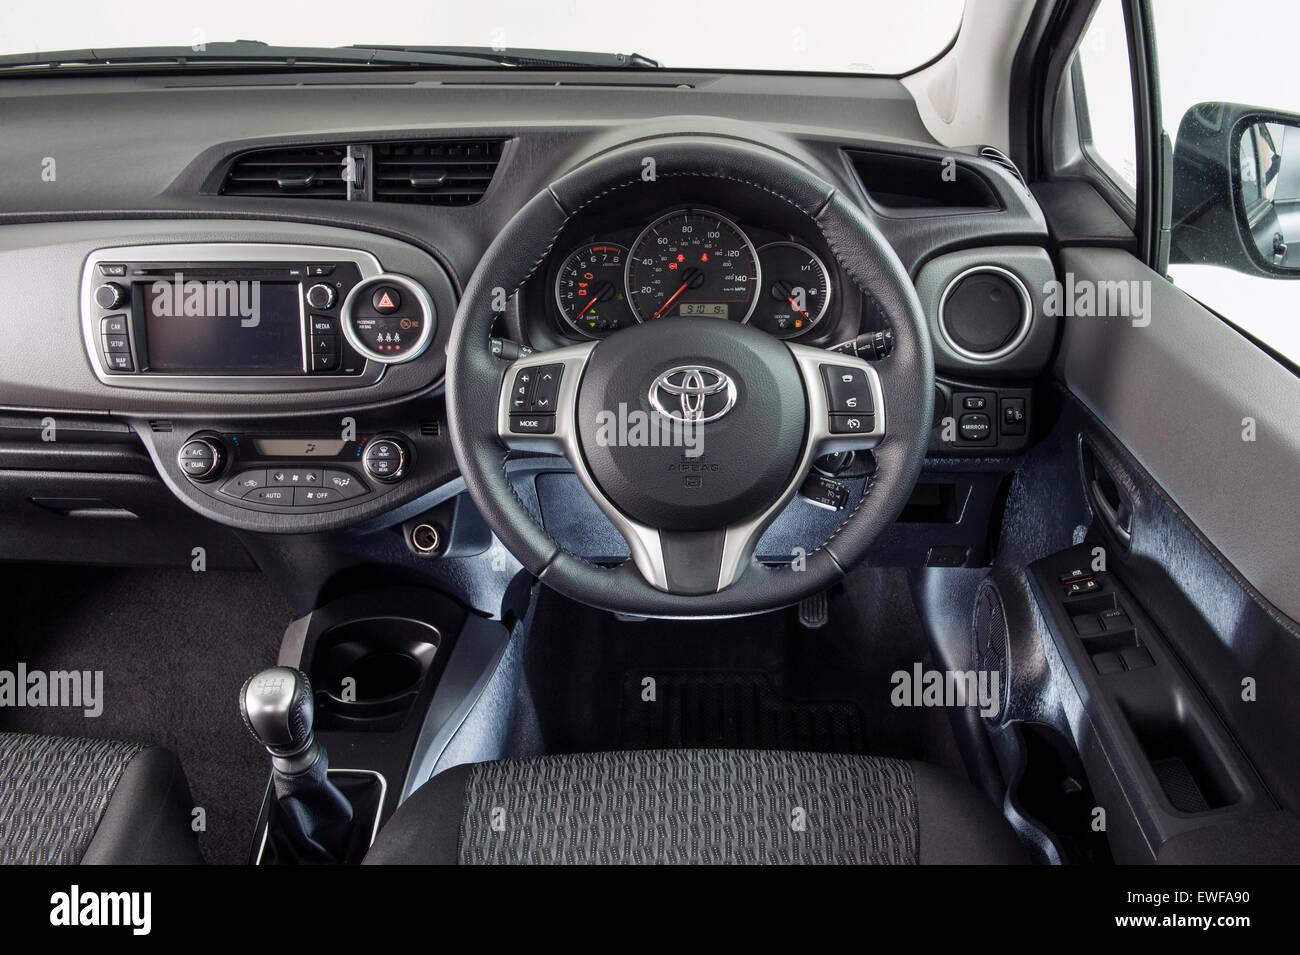 2014 Toyota Yaris Imagen De Stock